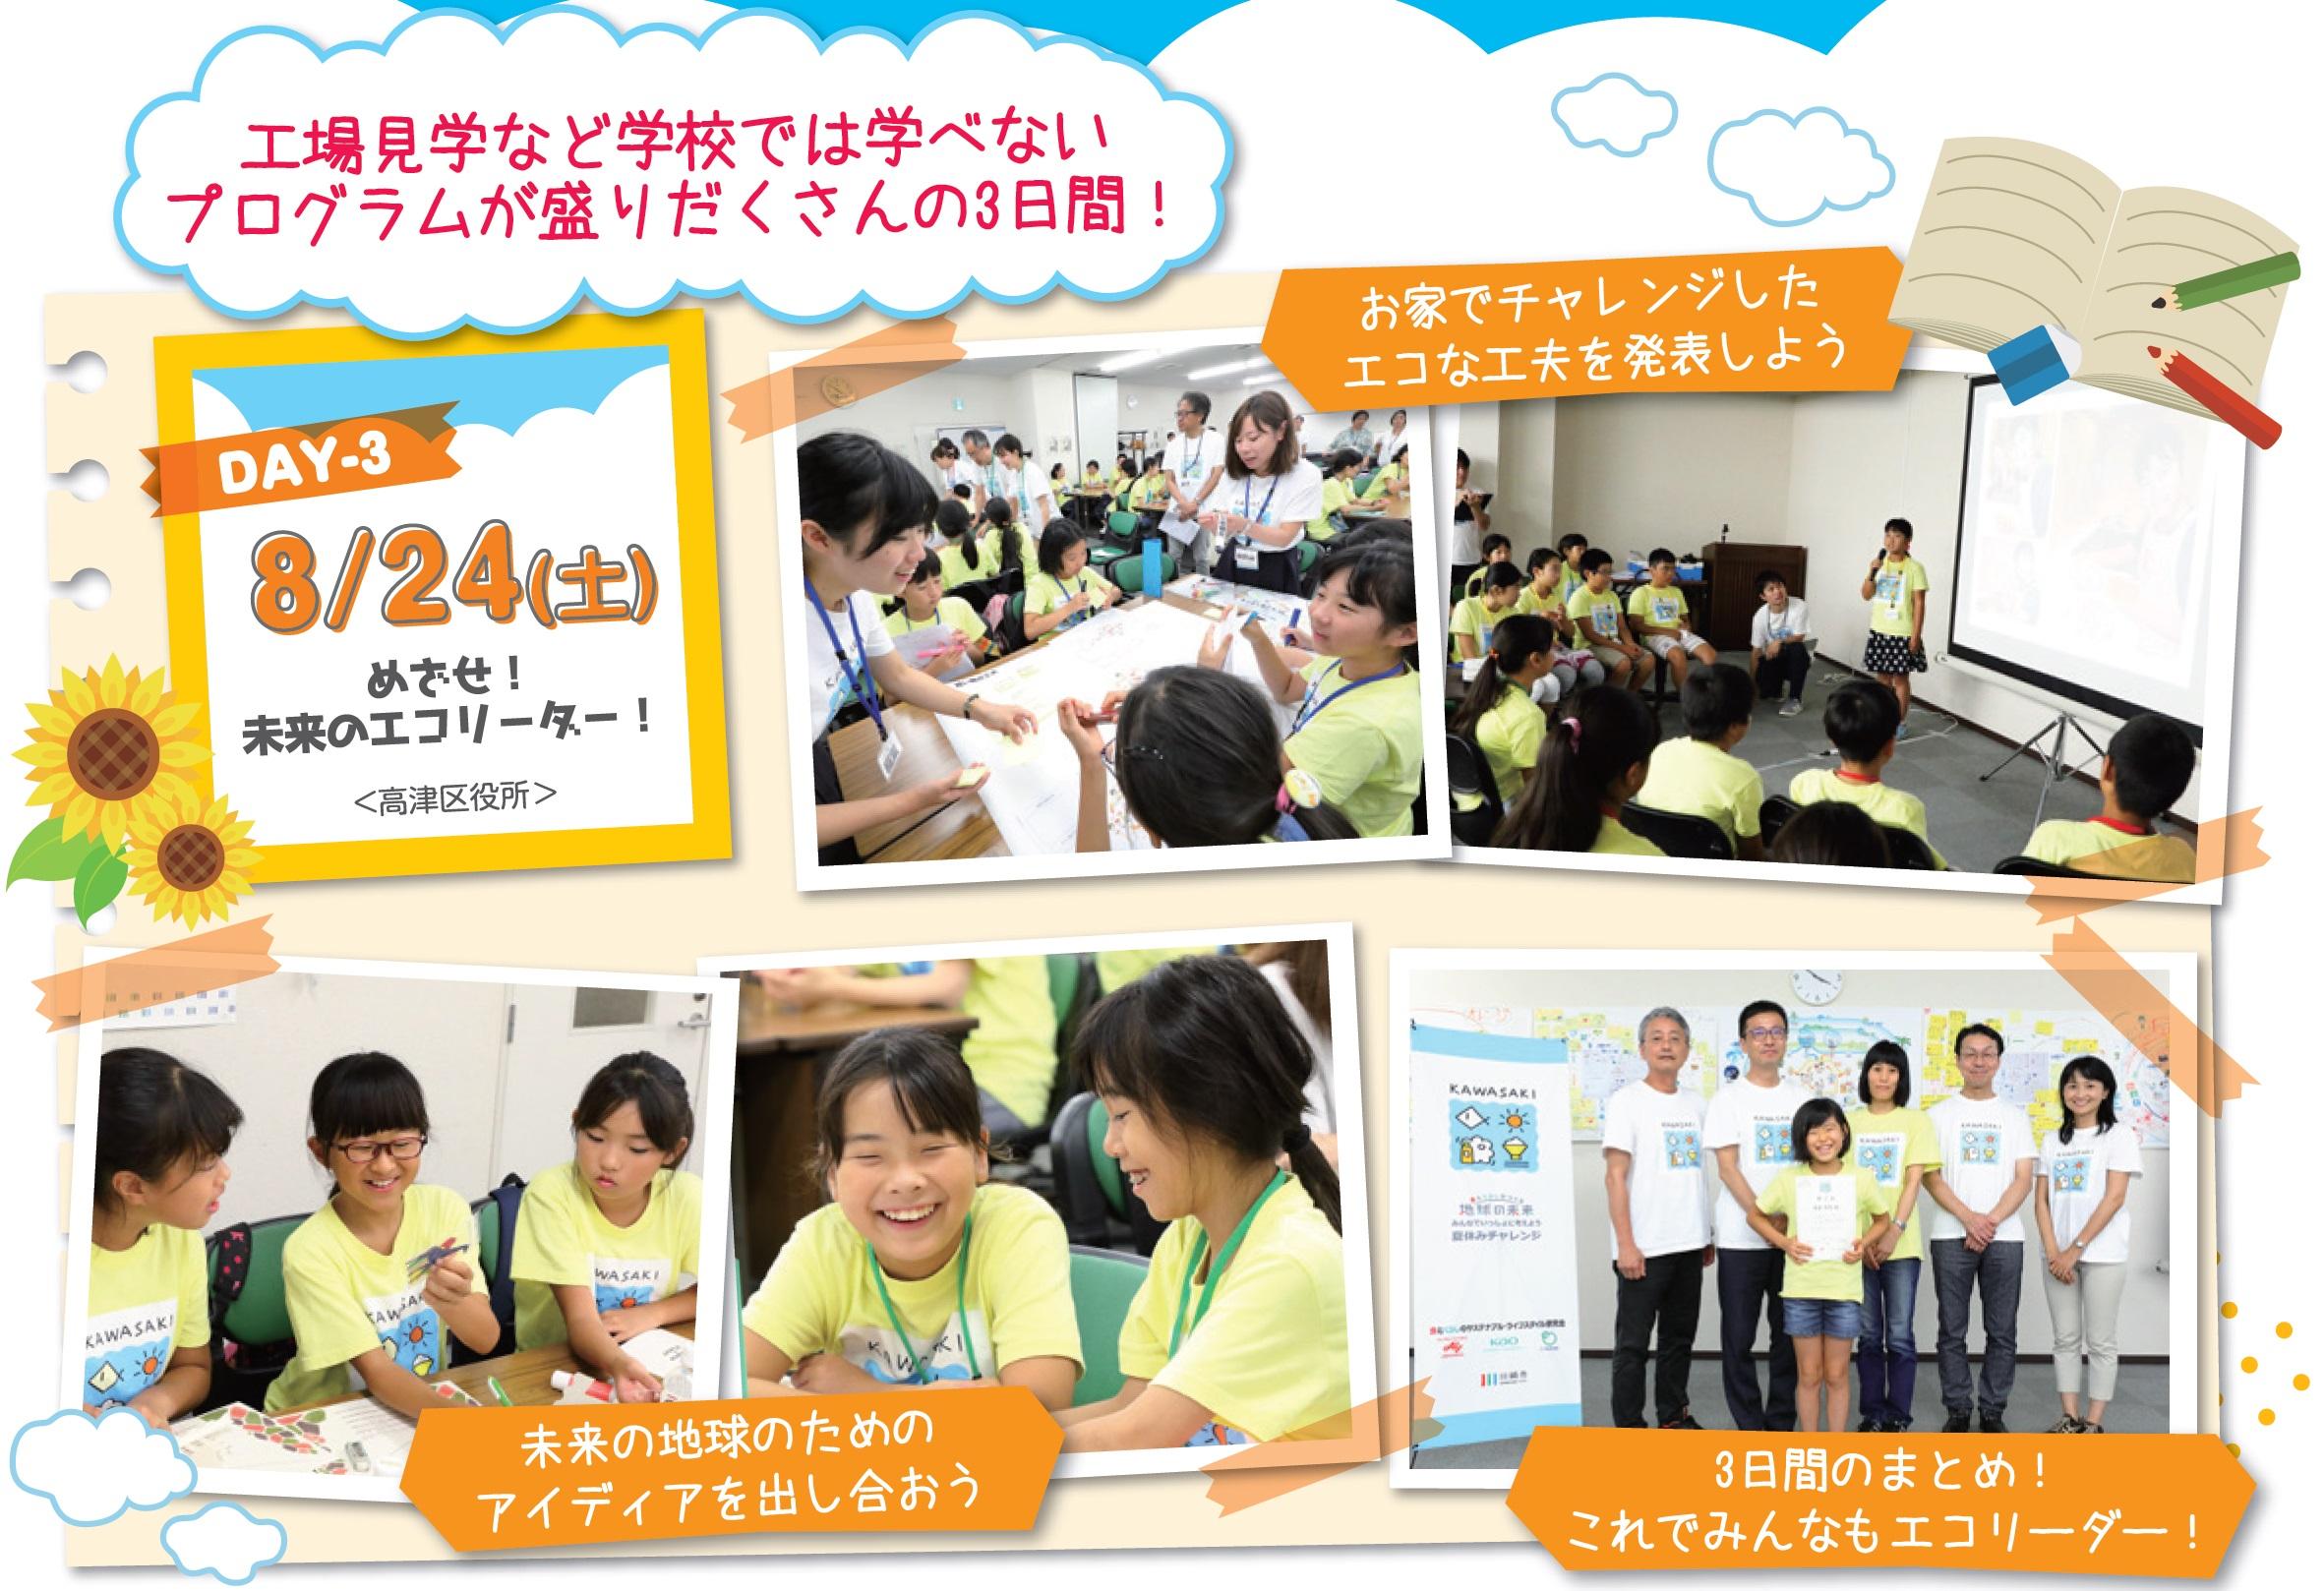 夏休みチャレンジ2019WEB用DAY3